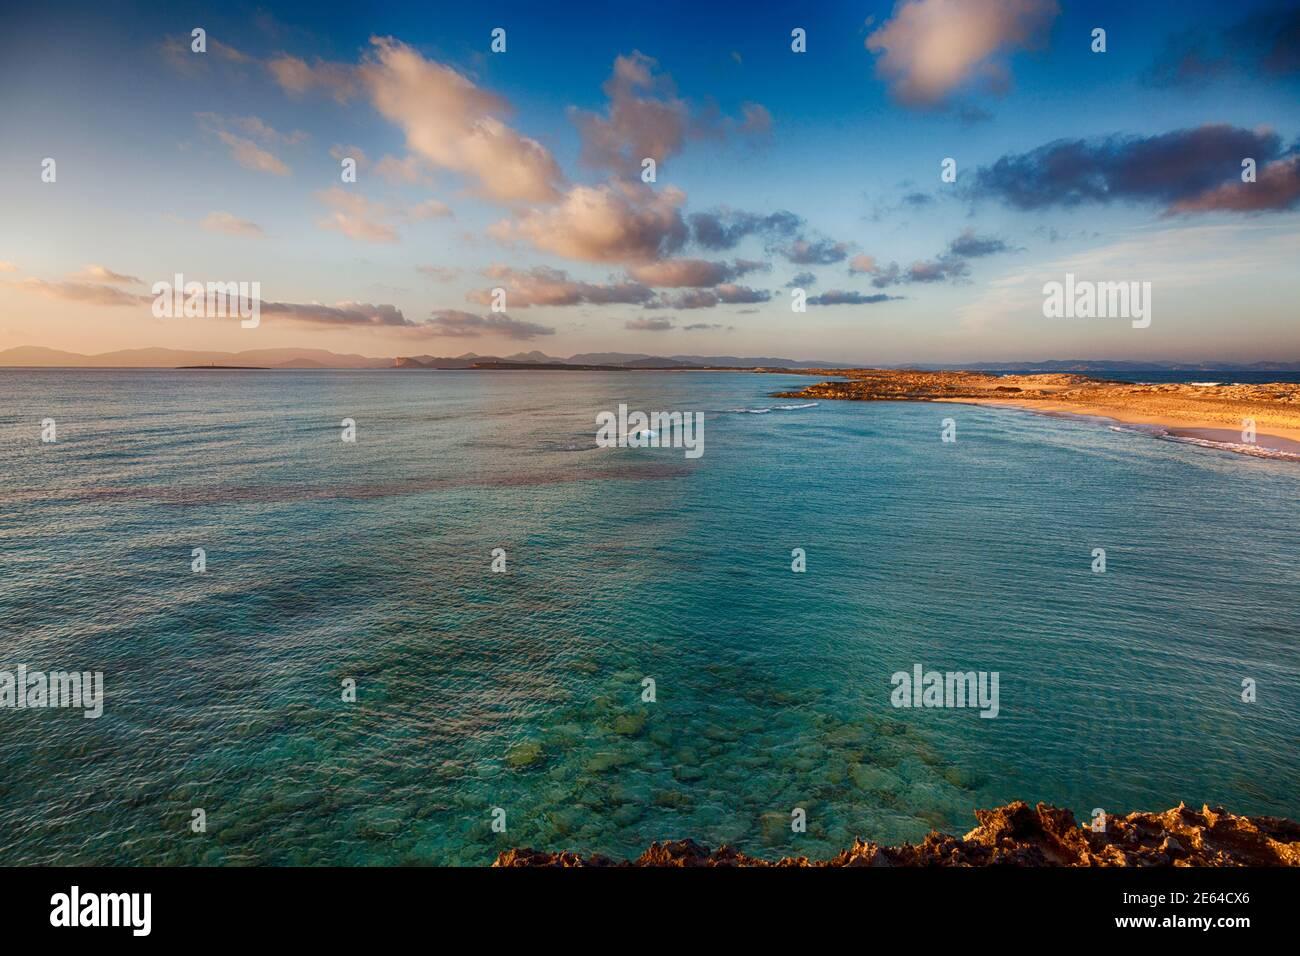 Incroyable plage exclusive de Formentera appelée « Illetes » Banque D'Images